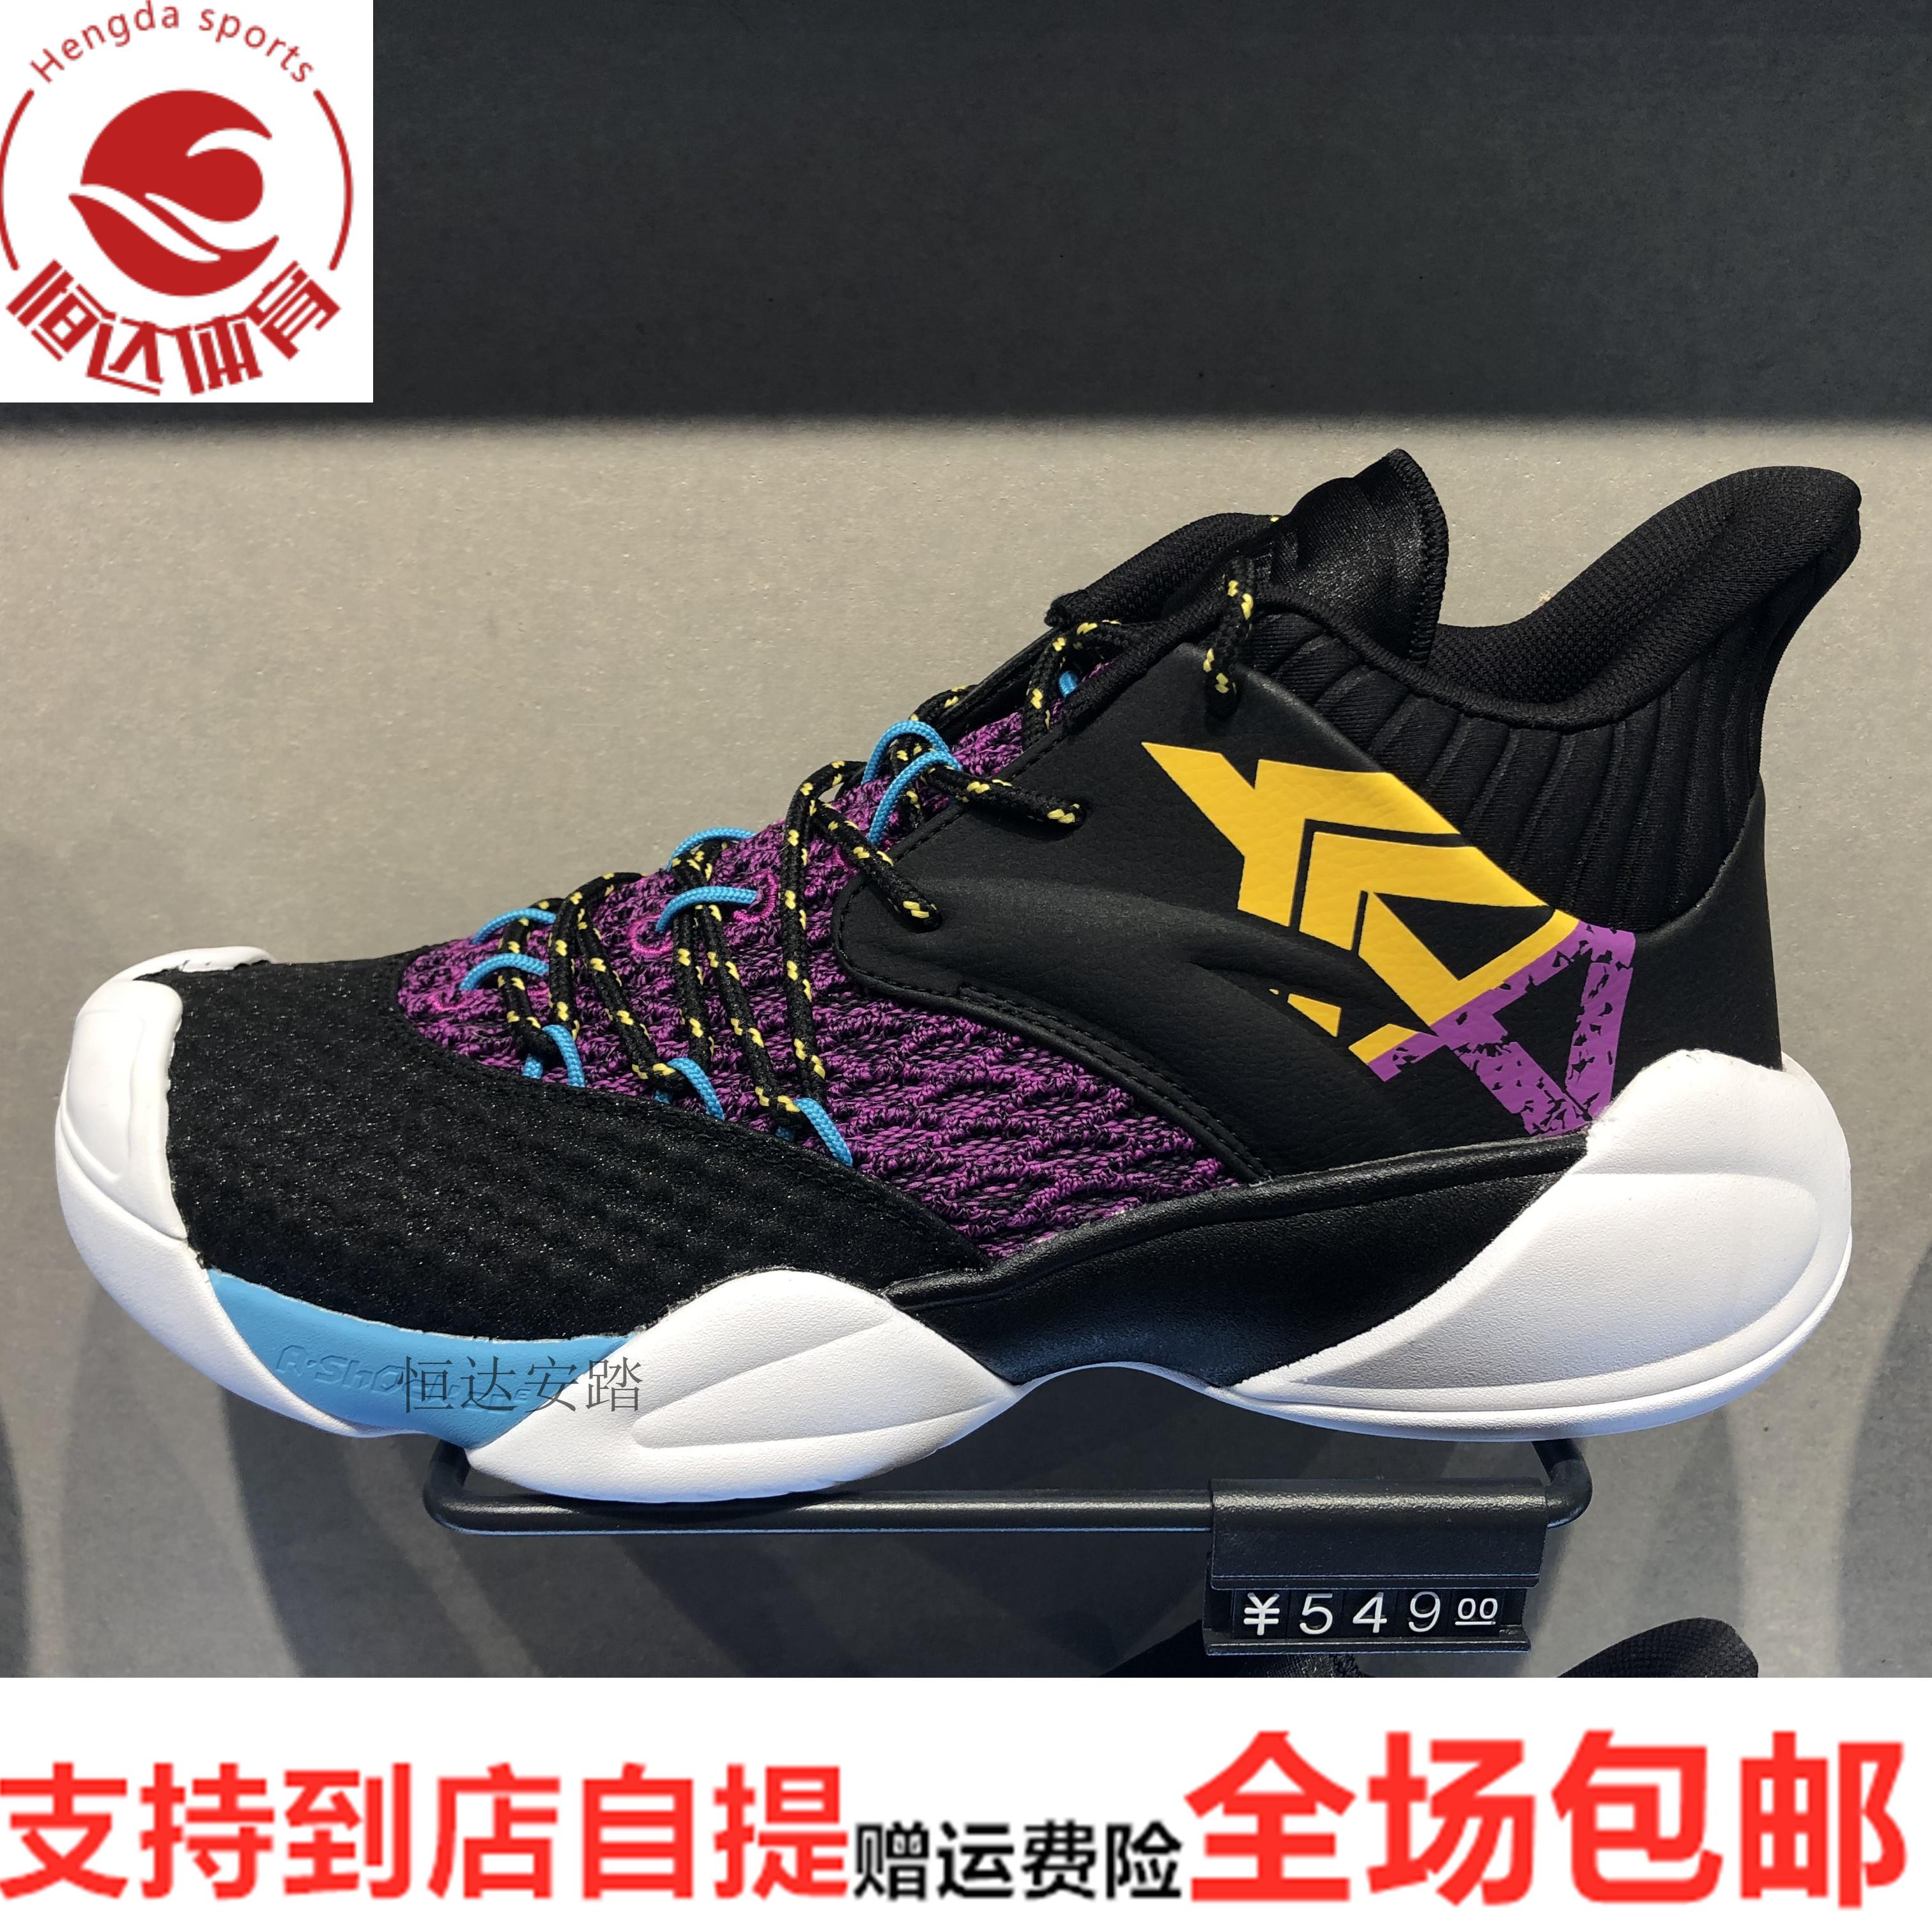 安踏KT4全明星篮球鞋高帮要疯3三代克莱汤普森秋透气战靴11931605